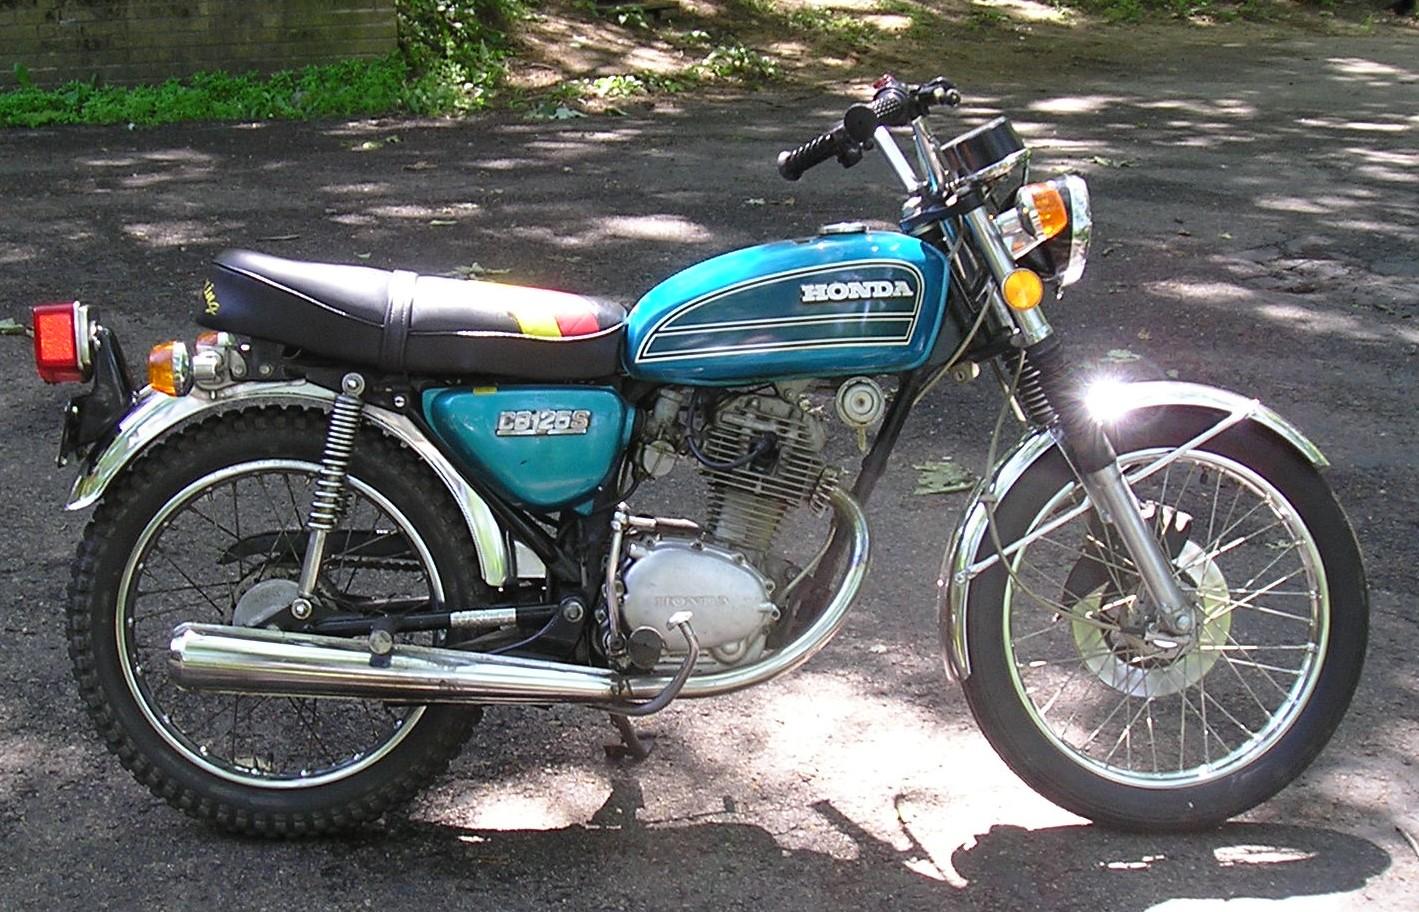 Honda Cb 125 1973 1974 Autoevolution